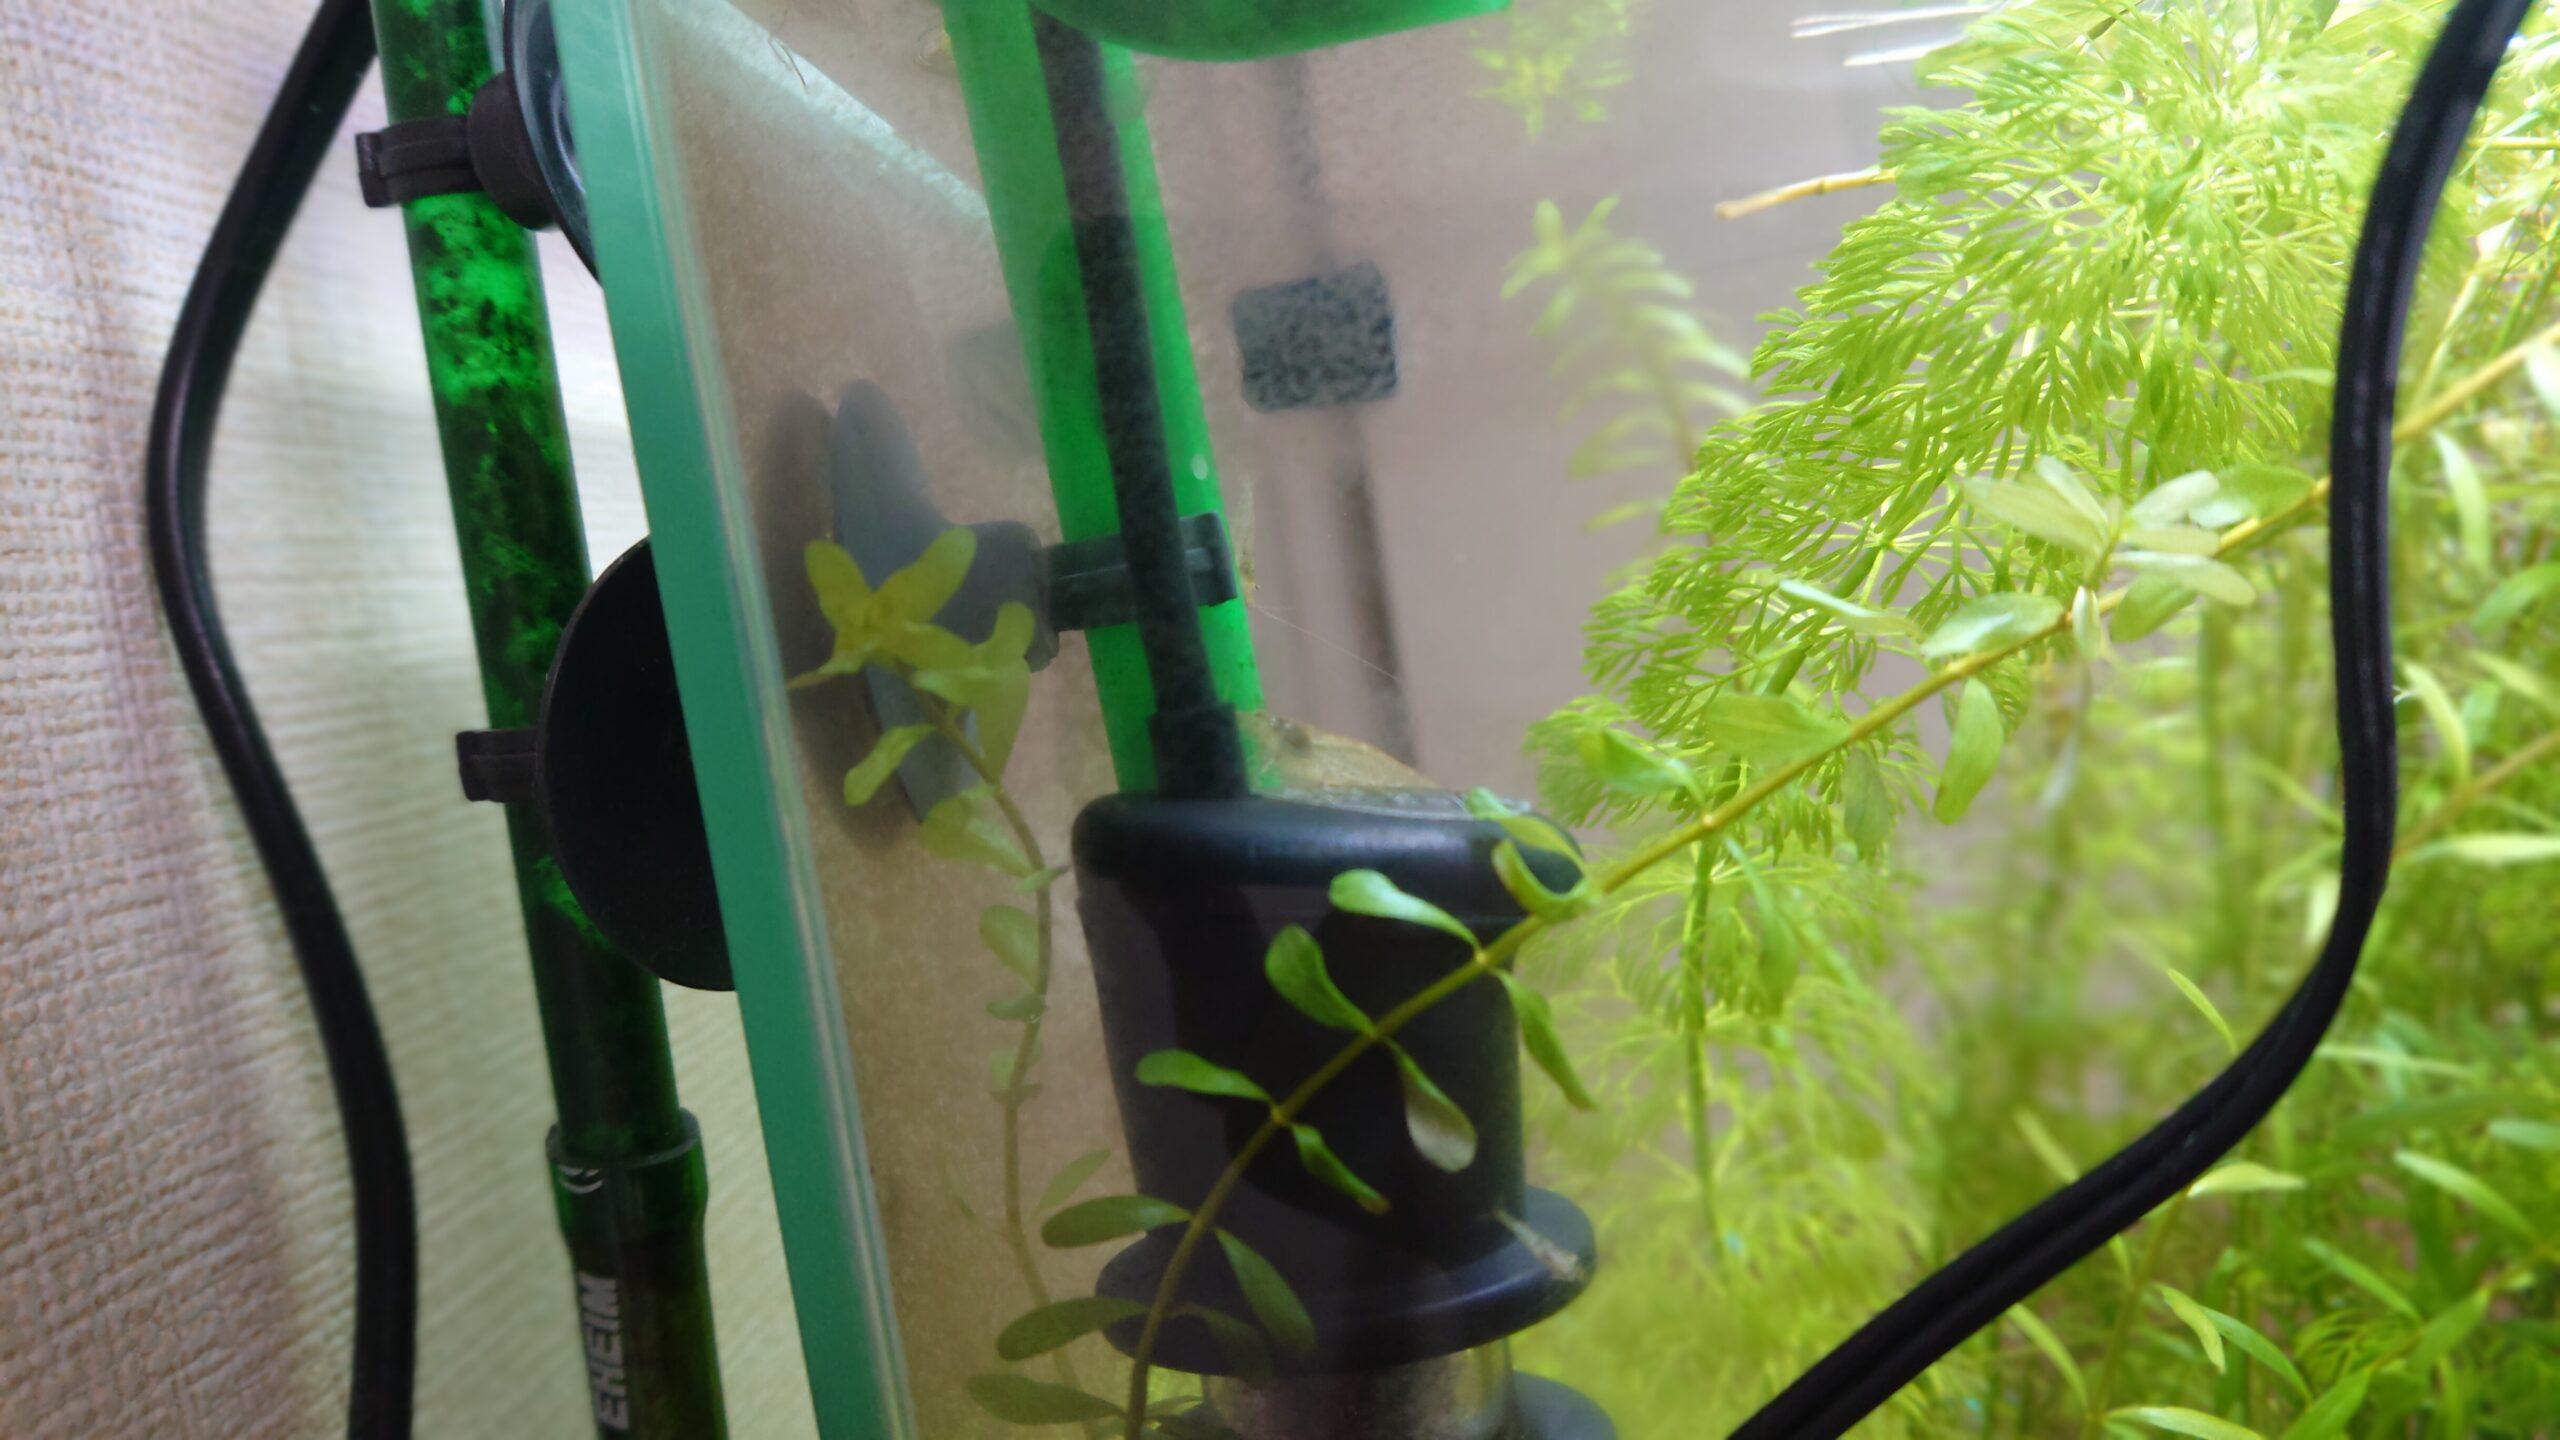 ヒーターの上でくつろぐミナミヌマエビさん。ミナミヌマエビは何世代も引き継がれています。おかげさまで藻は出てきません。